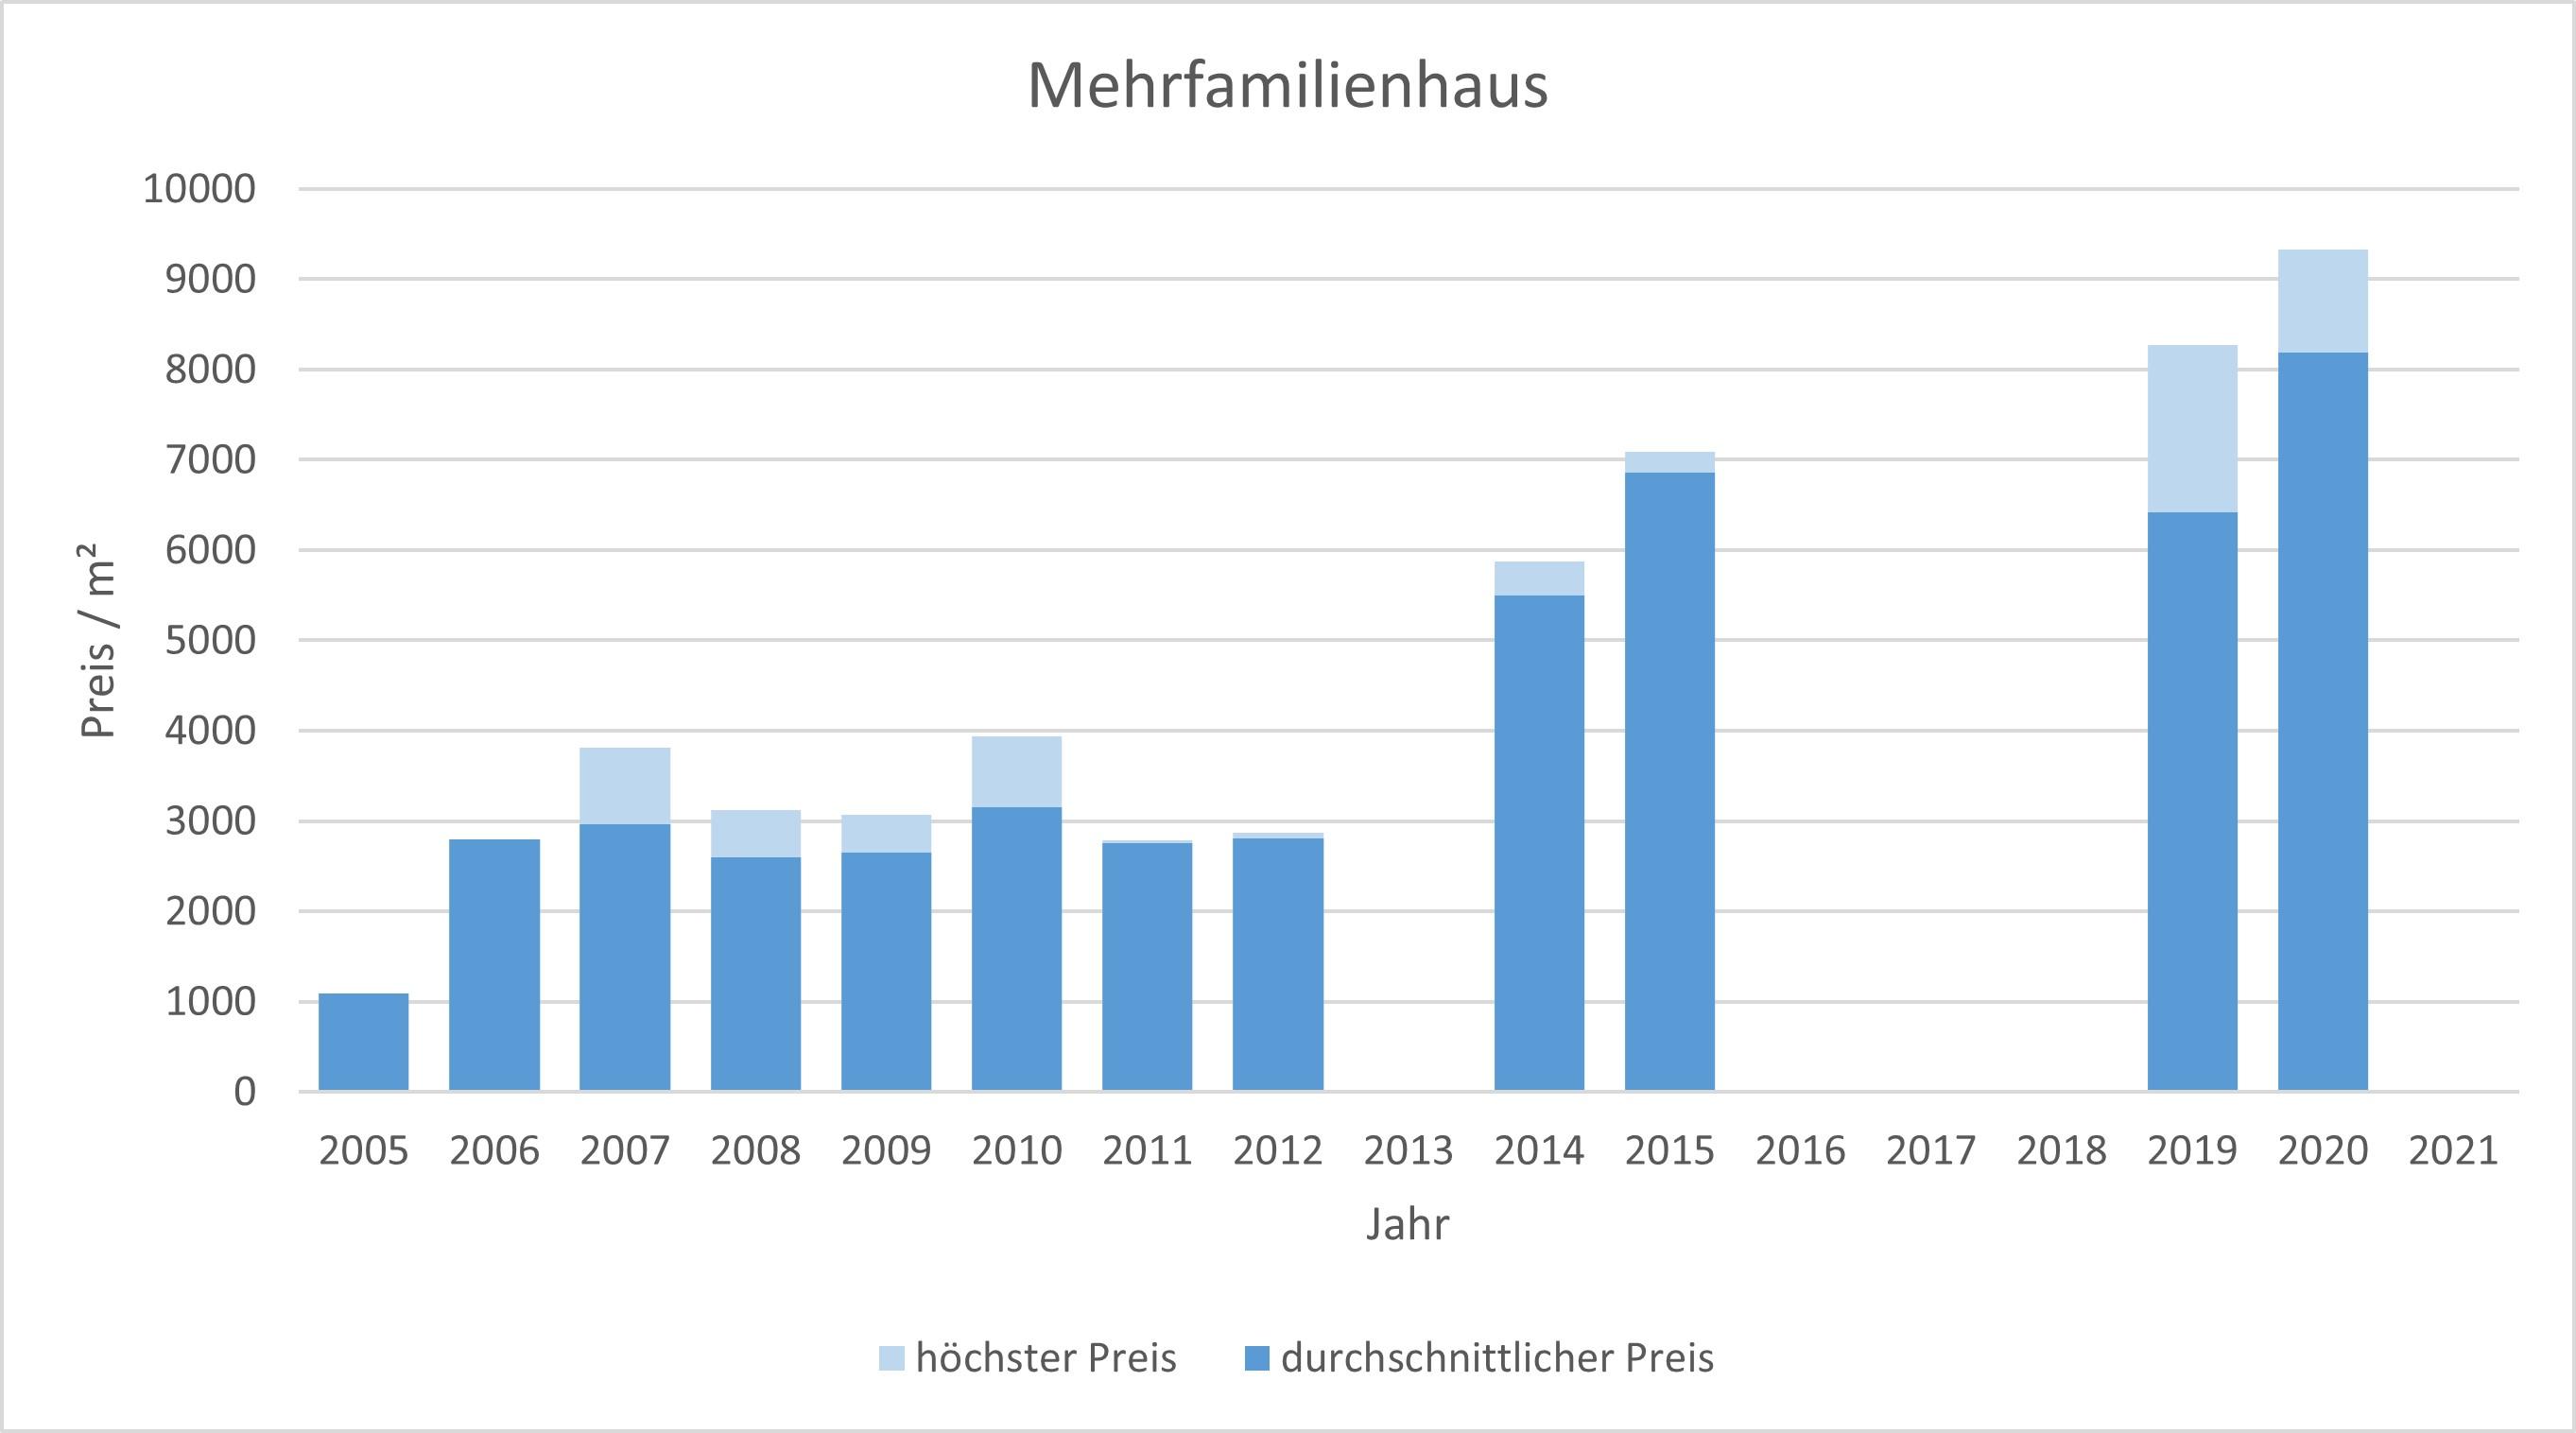 München - Waldperlach Mehrfamilienhaus kaufen verkaufen Preis Bewertung Makler 2019 2020 2021 www.happy-immo.de